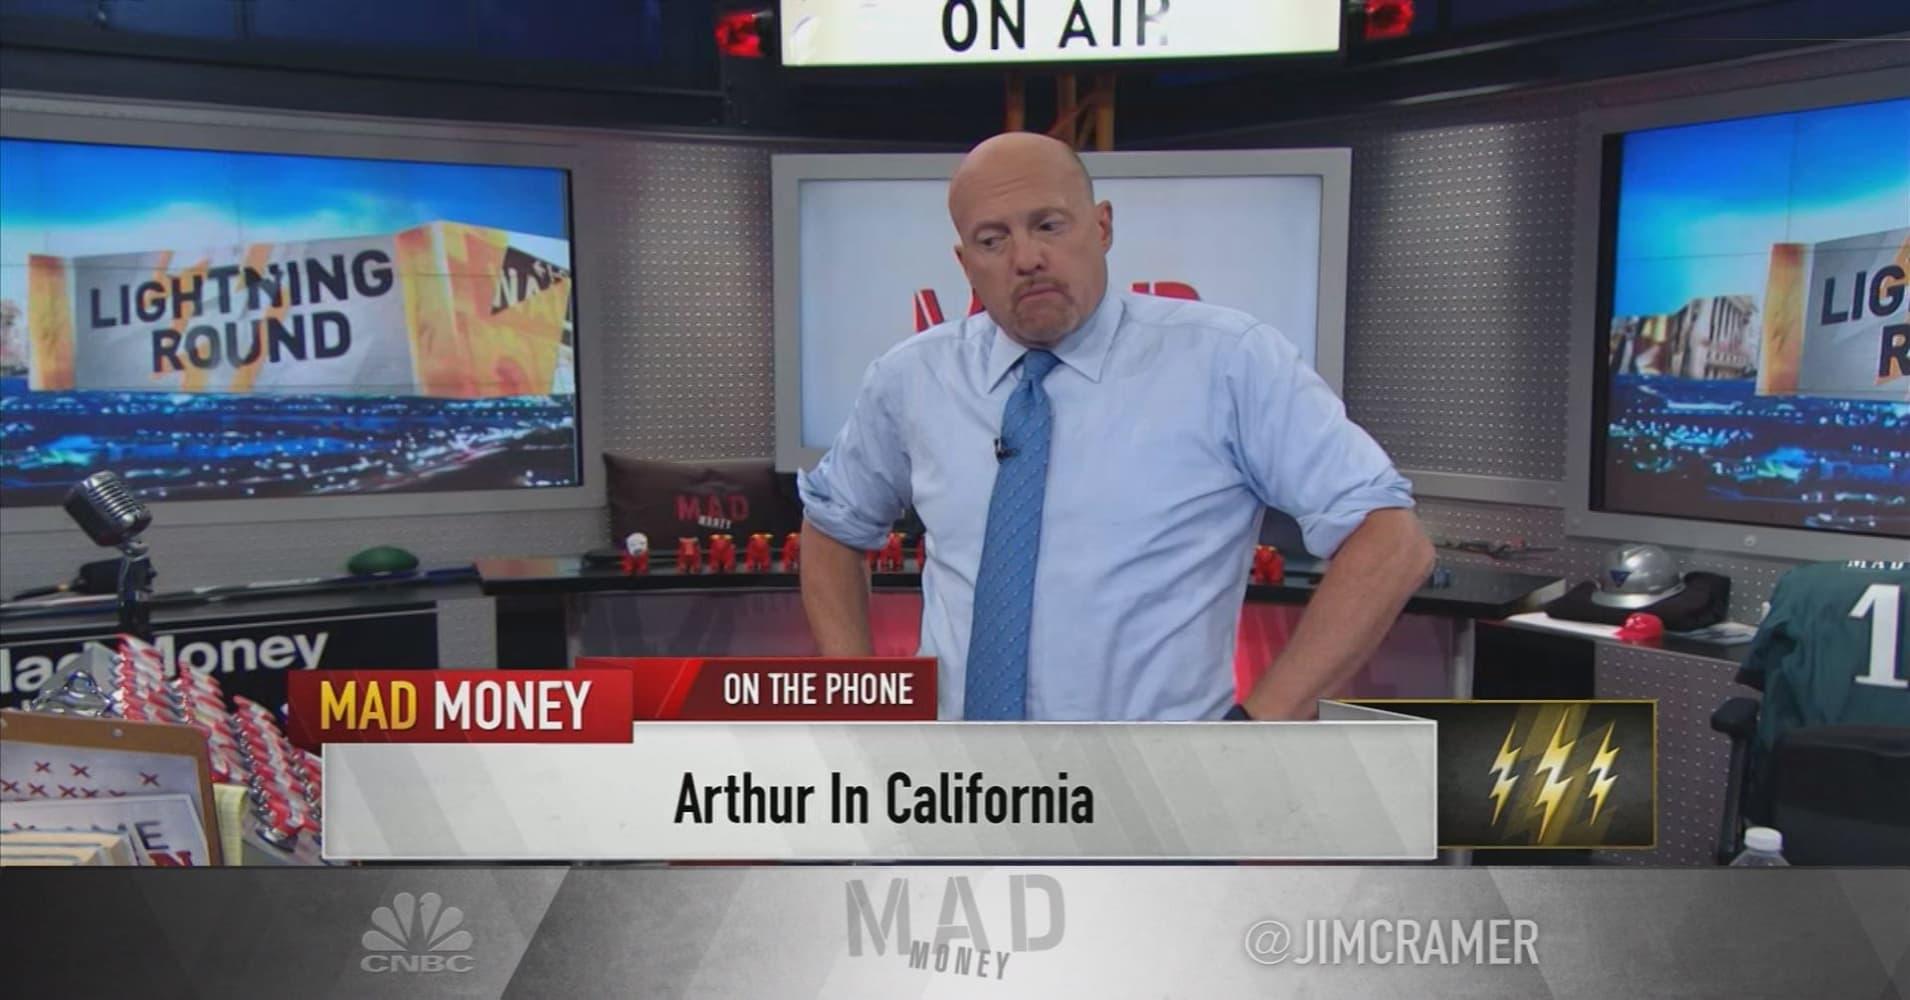 sc 1 st  CNBC.com & Crameru0027s lightning round: Hereu0027s where Qualcomm went wrong azcodes.com